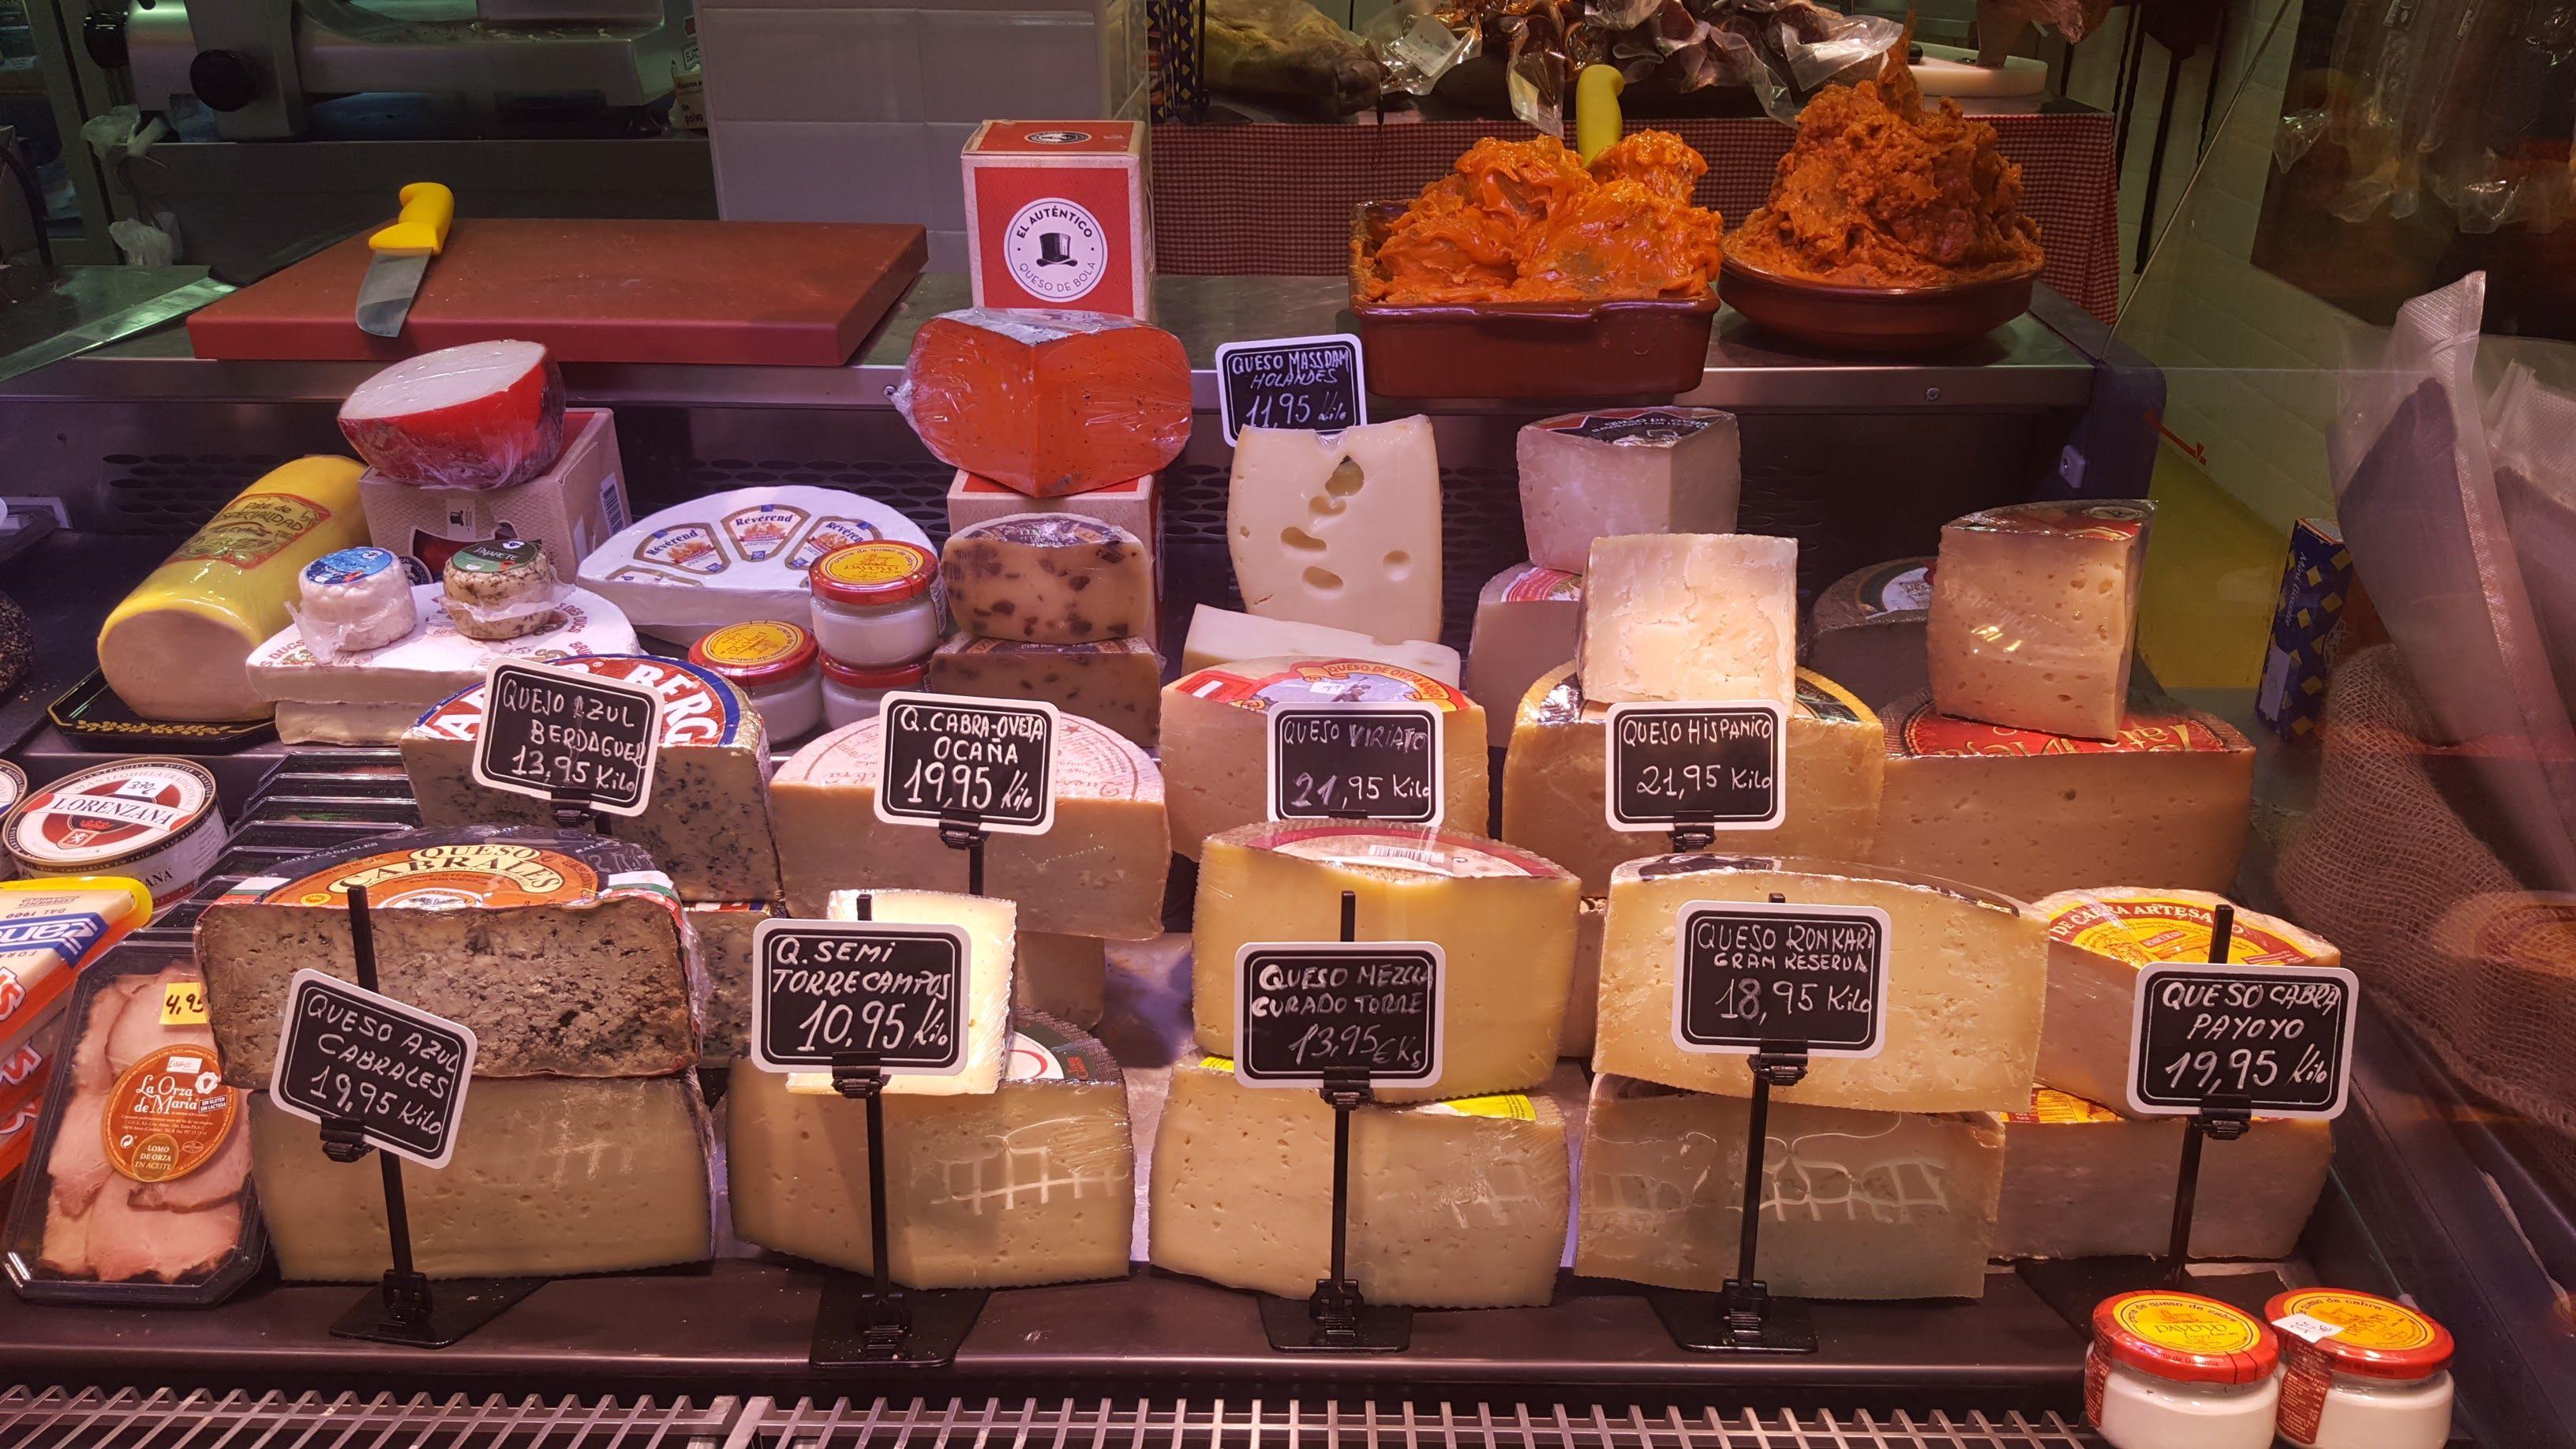 Tienda de quesos: Productos de Tote Chacinería Jamonería